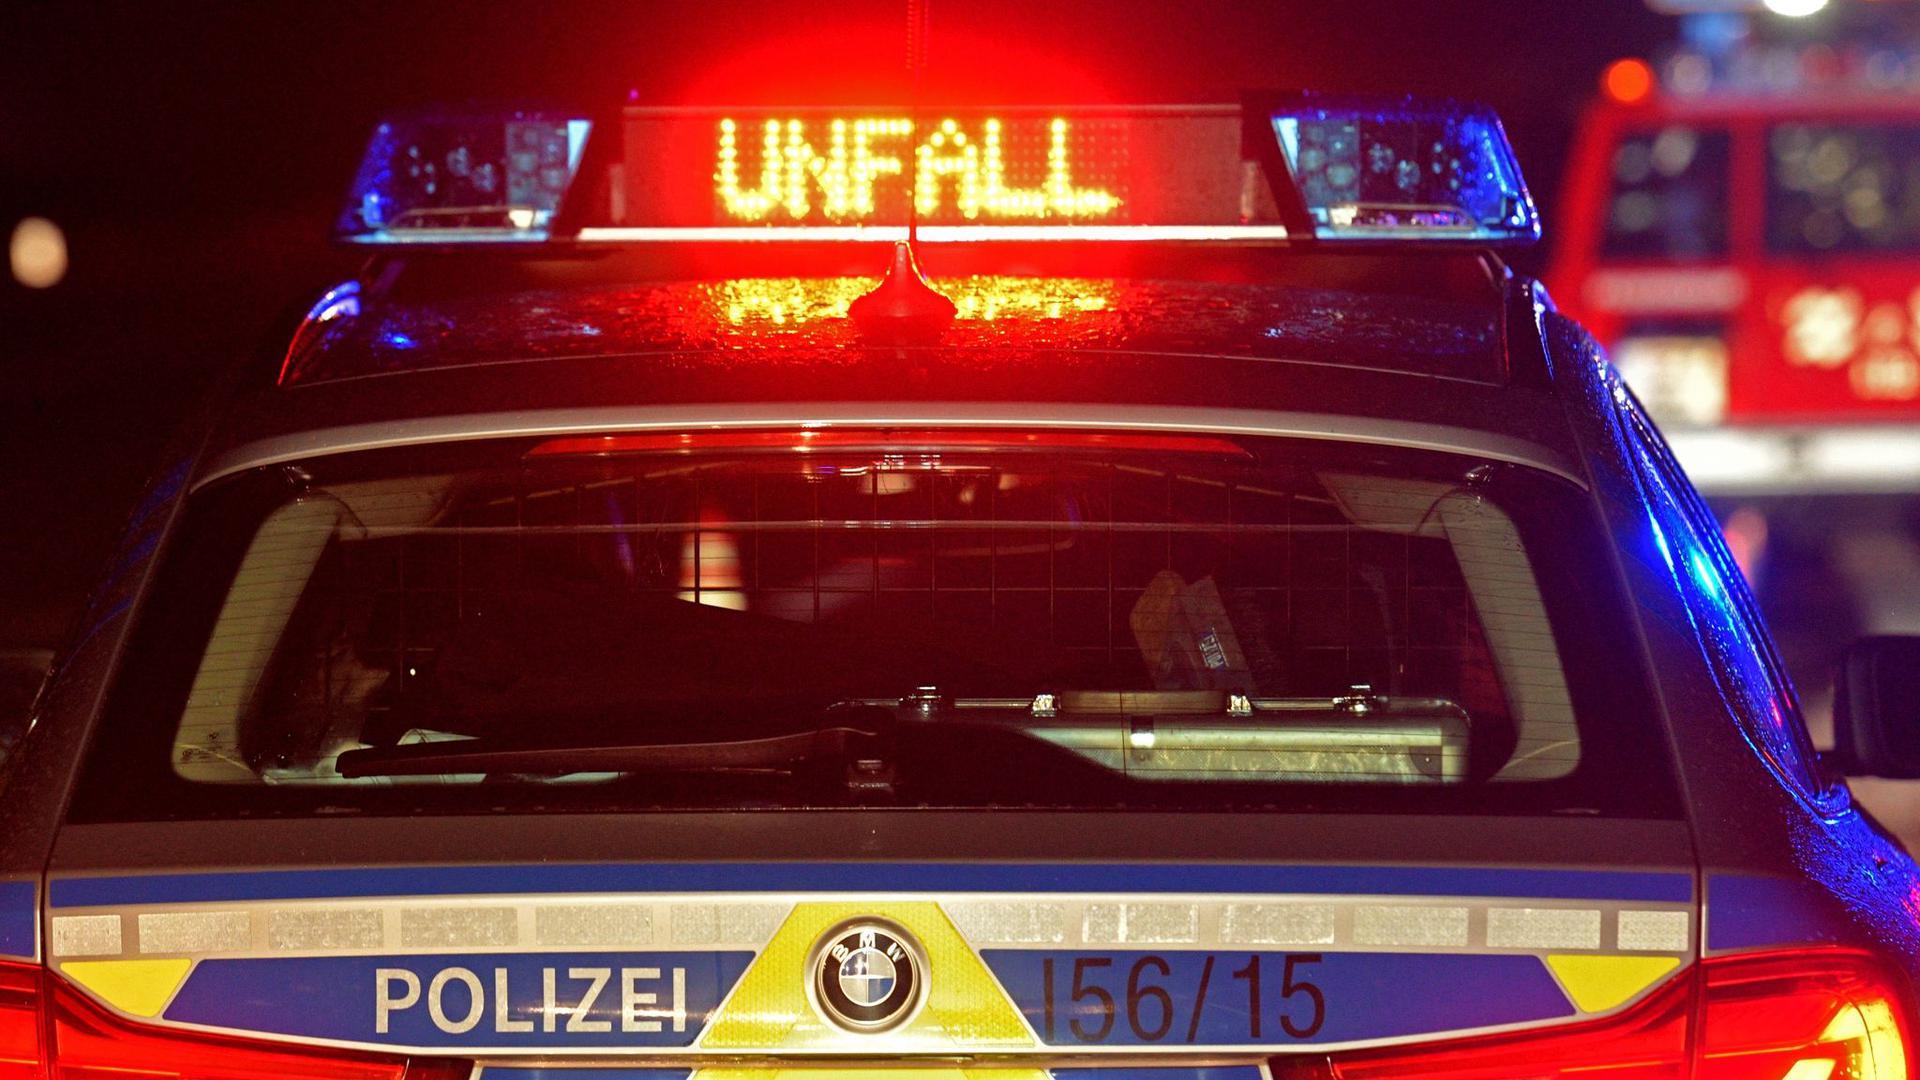 Polizei Blaulicht bei Unfallaufnahme.